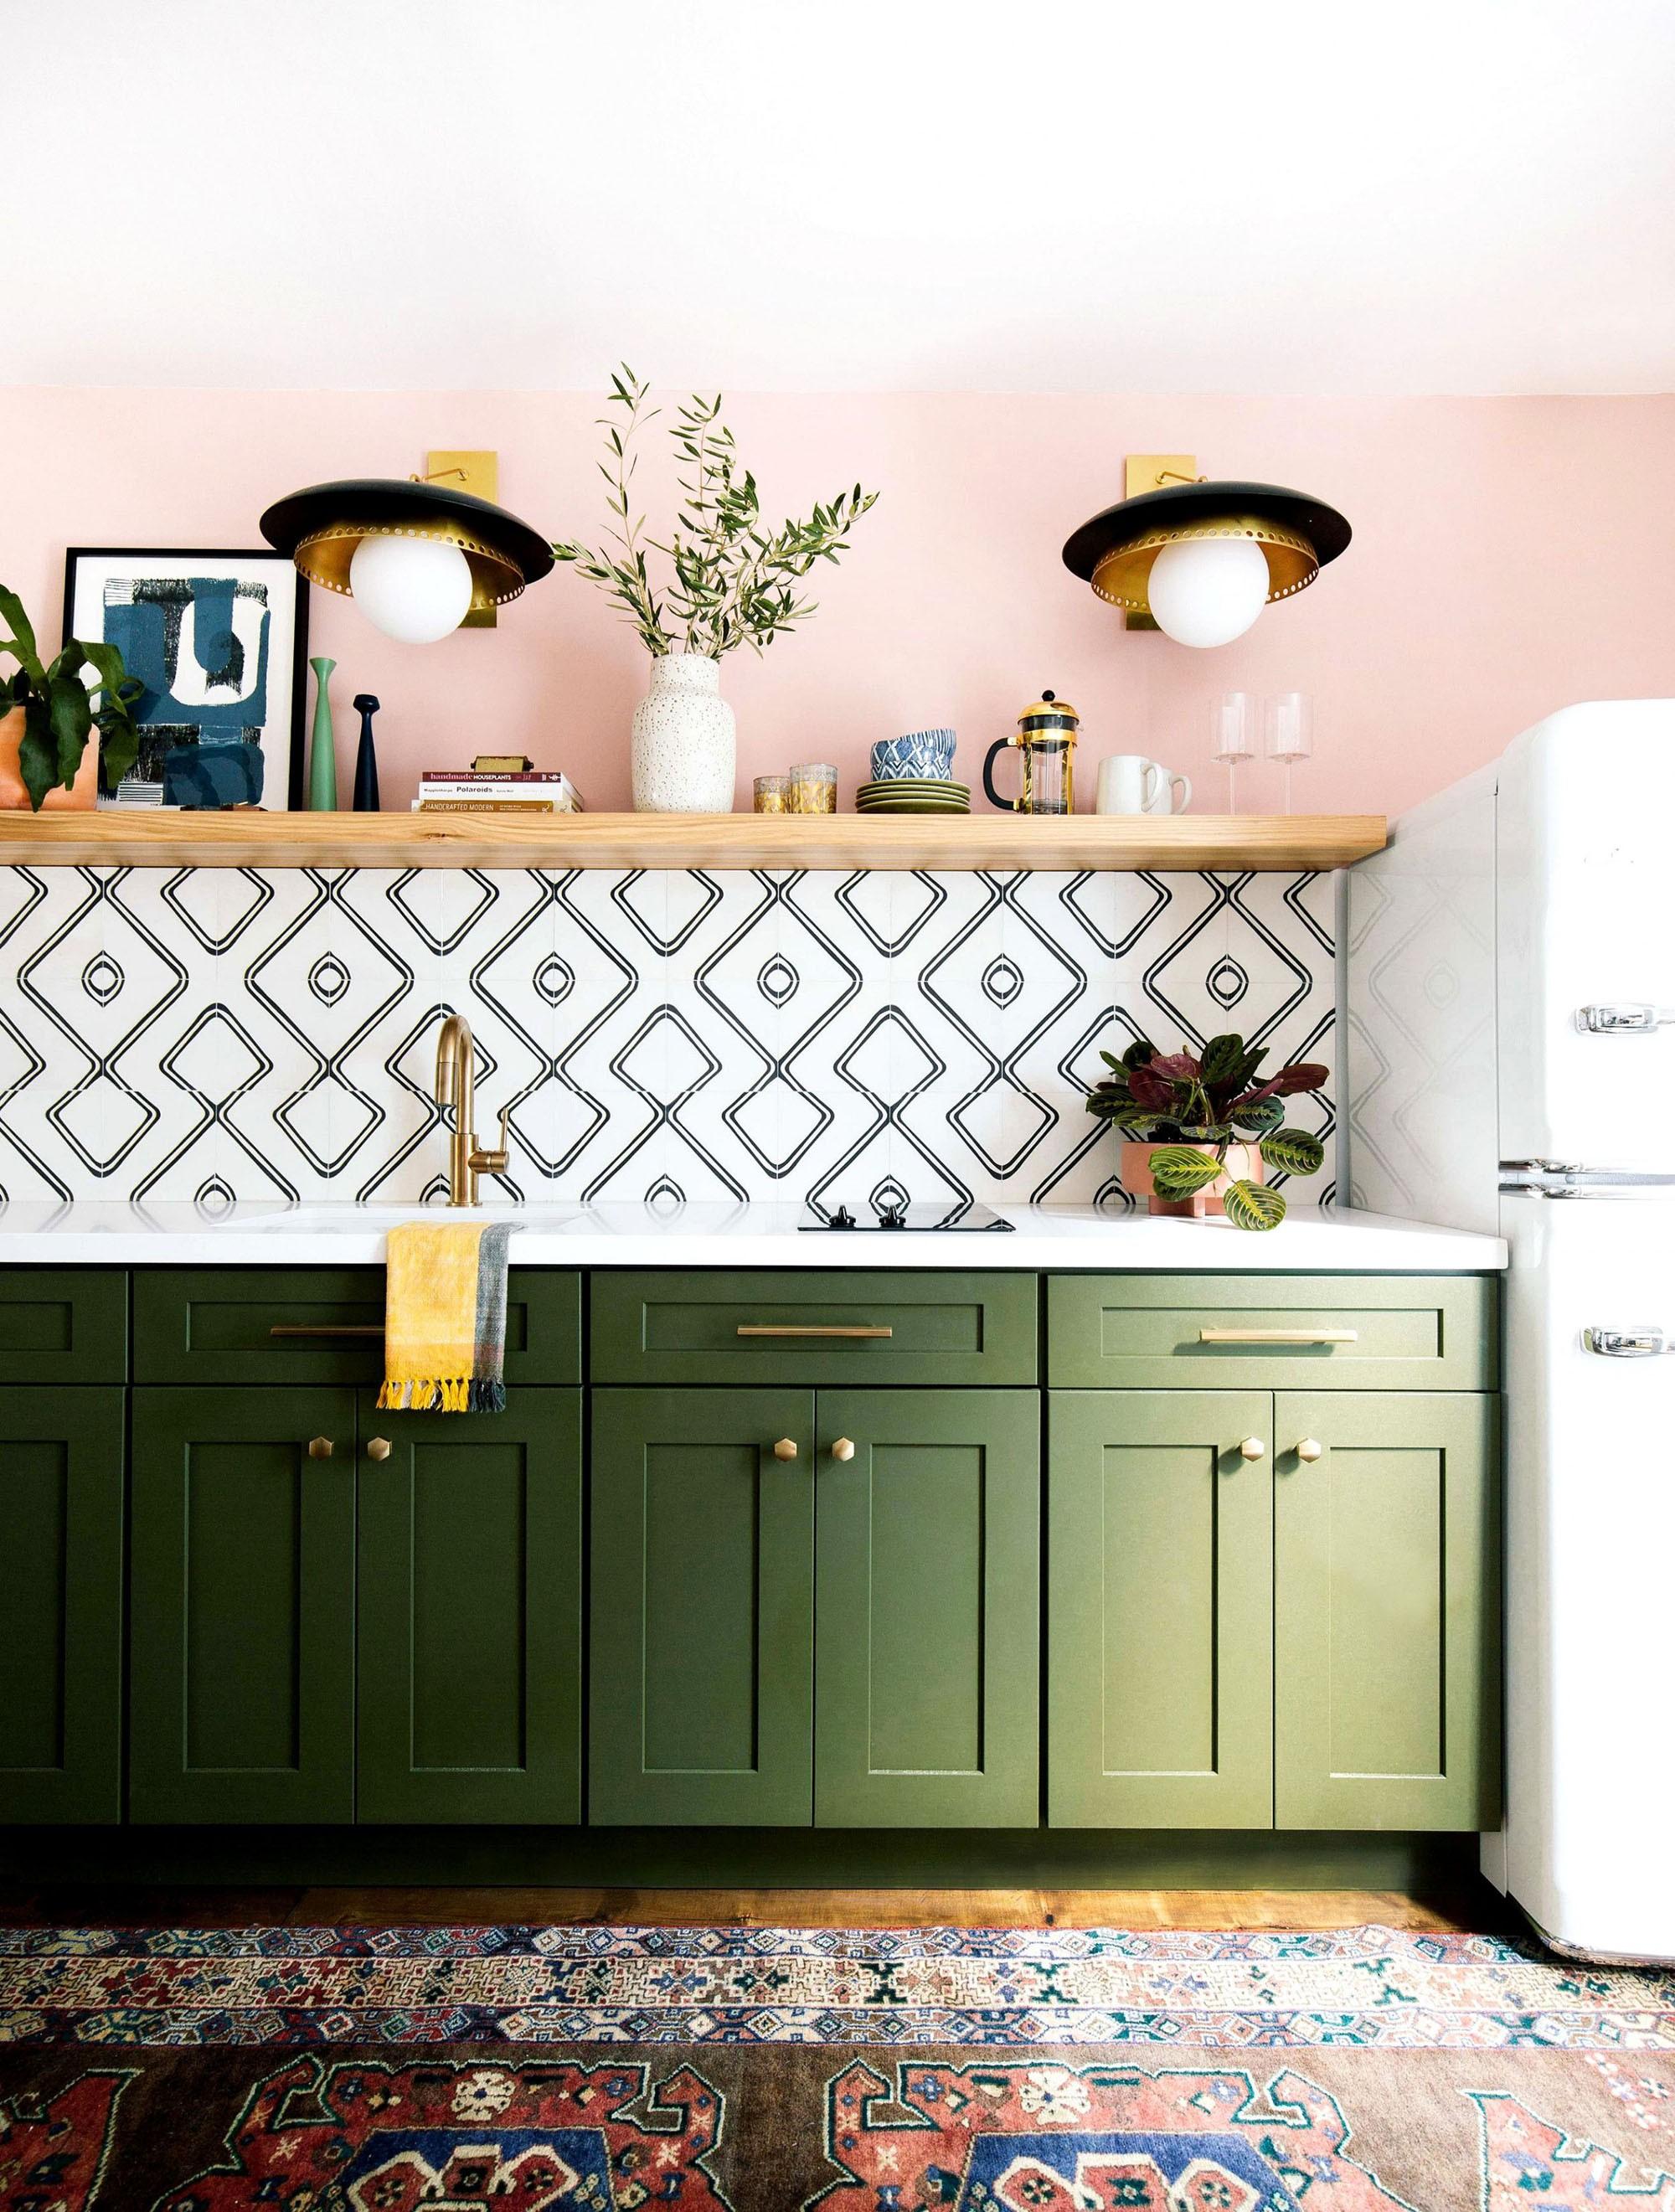 Décor dia: cozinha verde e rosa com azulejos geométricos (Foto: Divulgação)